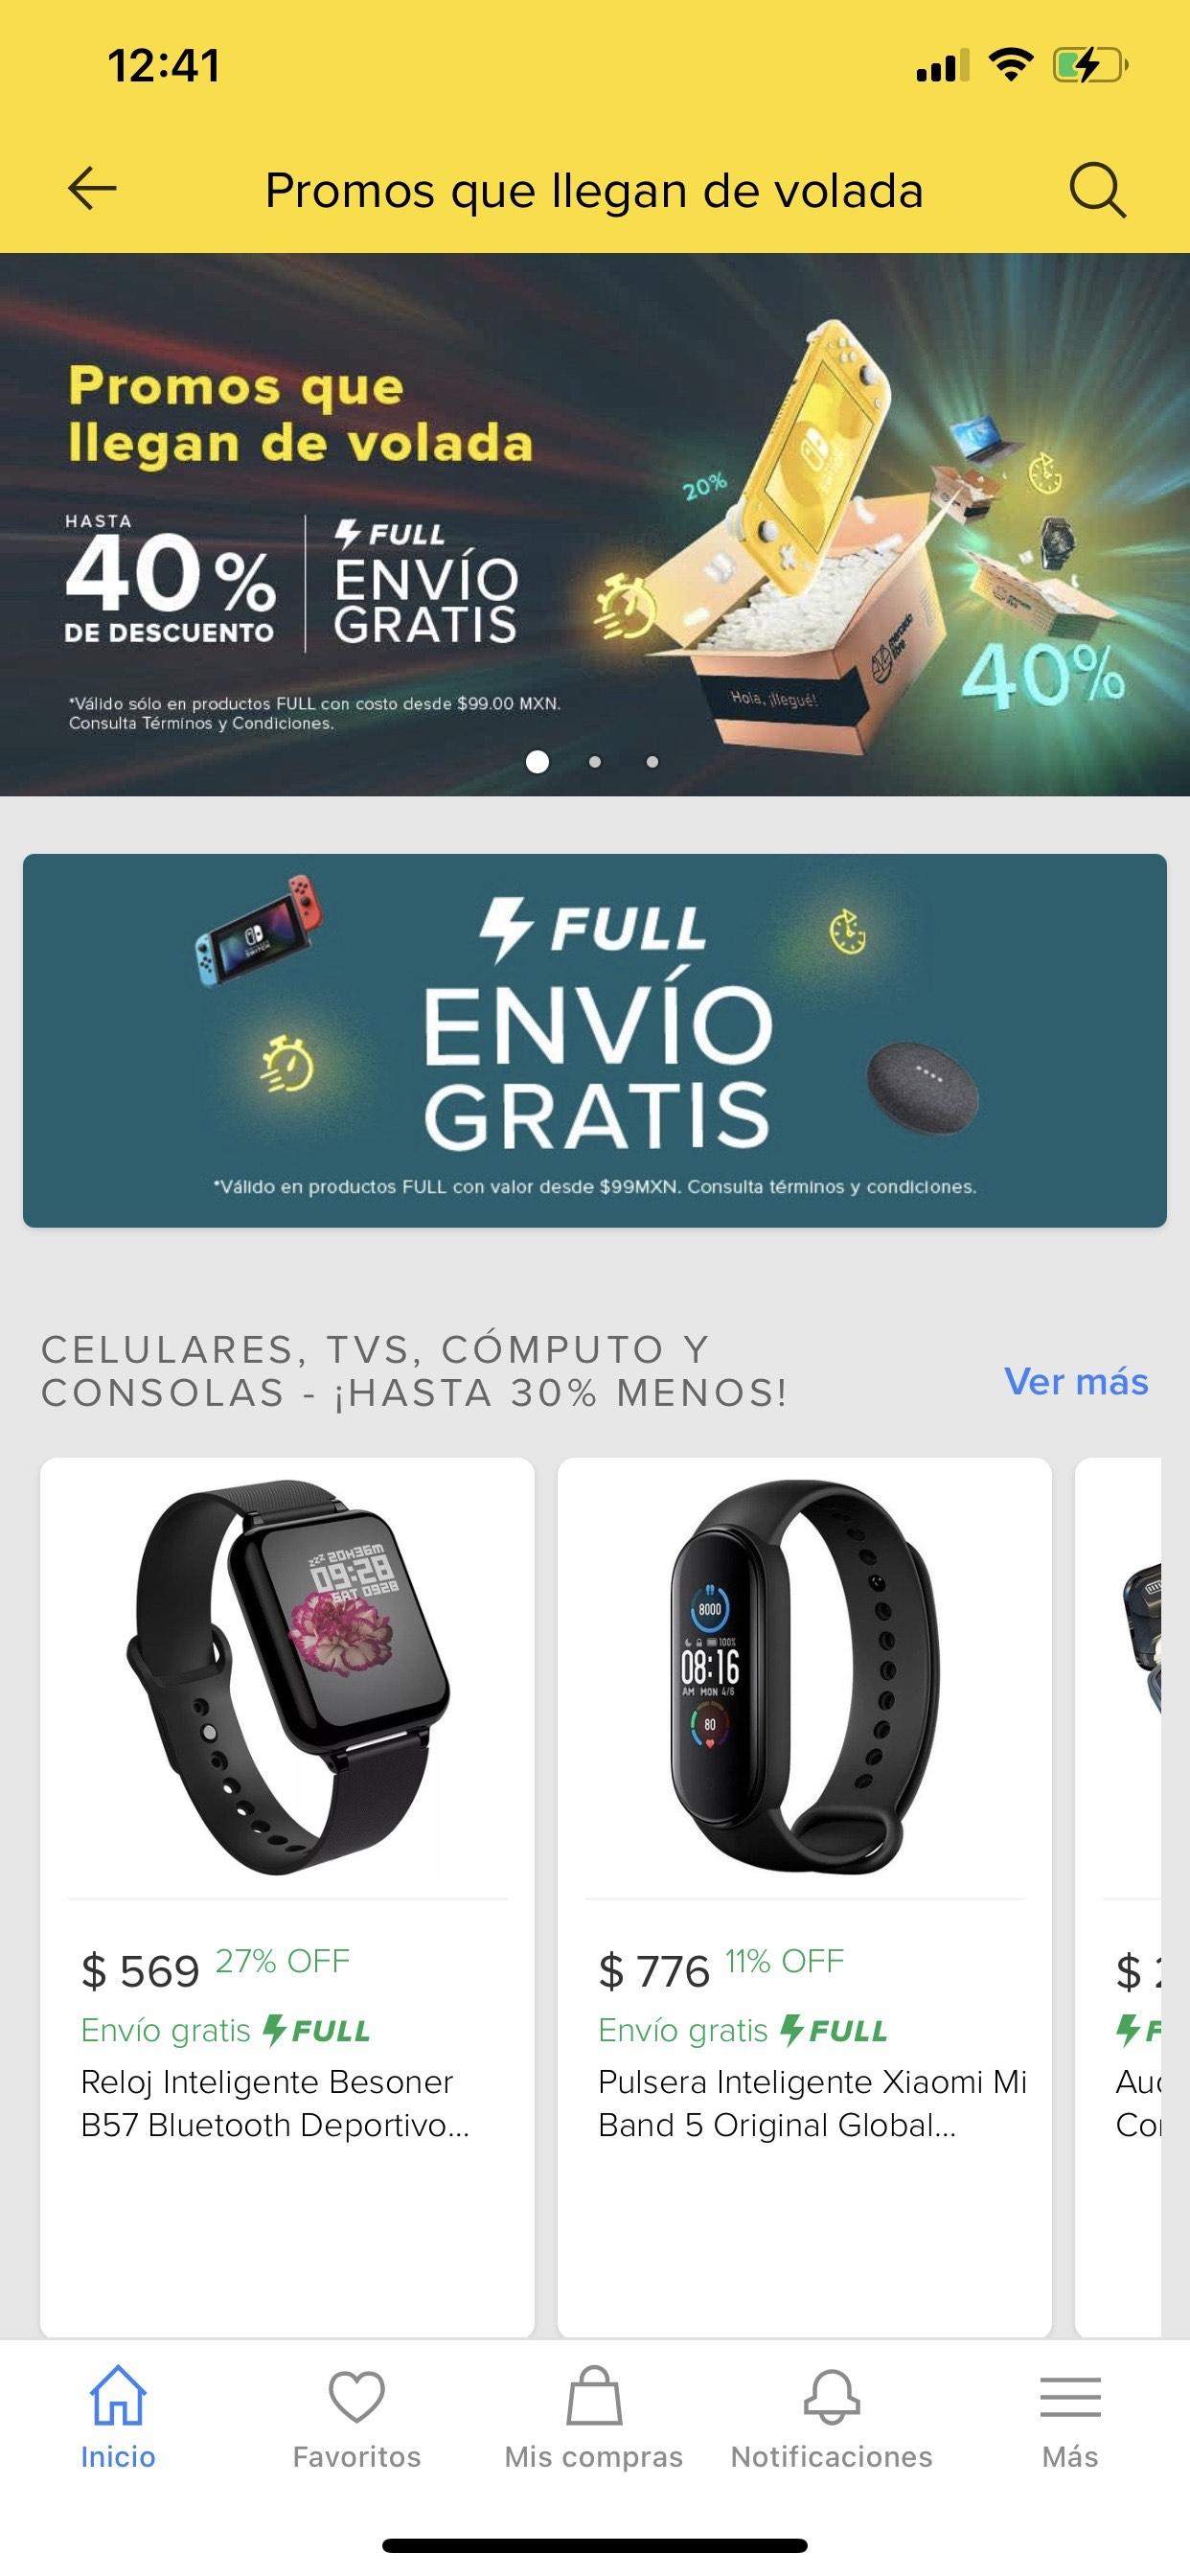 Envío gratis en productos FULL en Mercado Libre